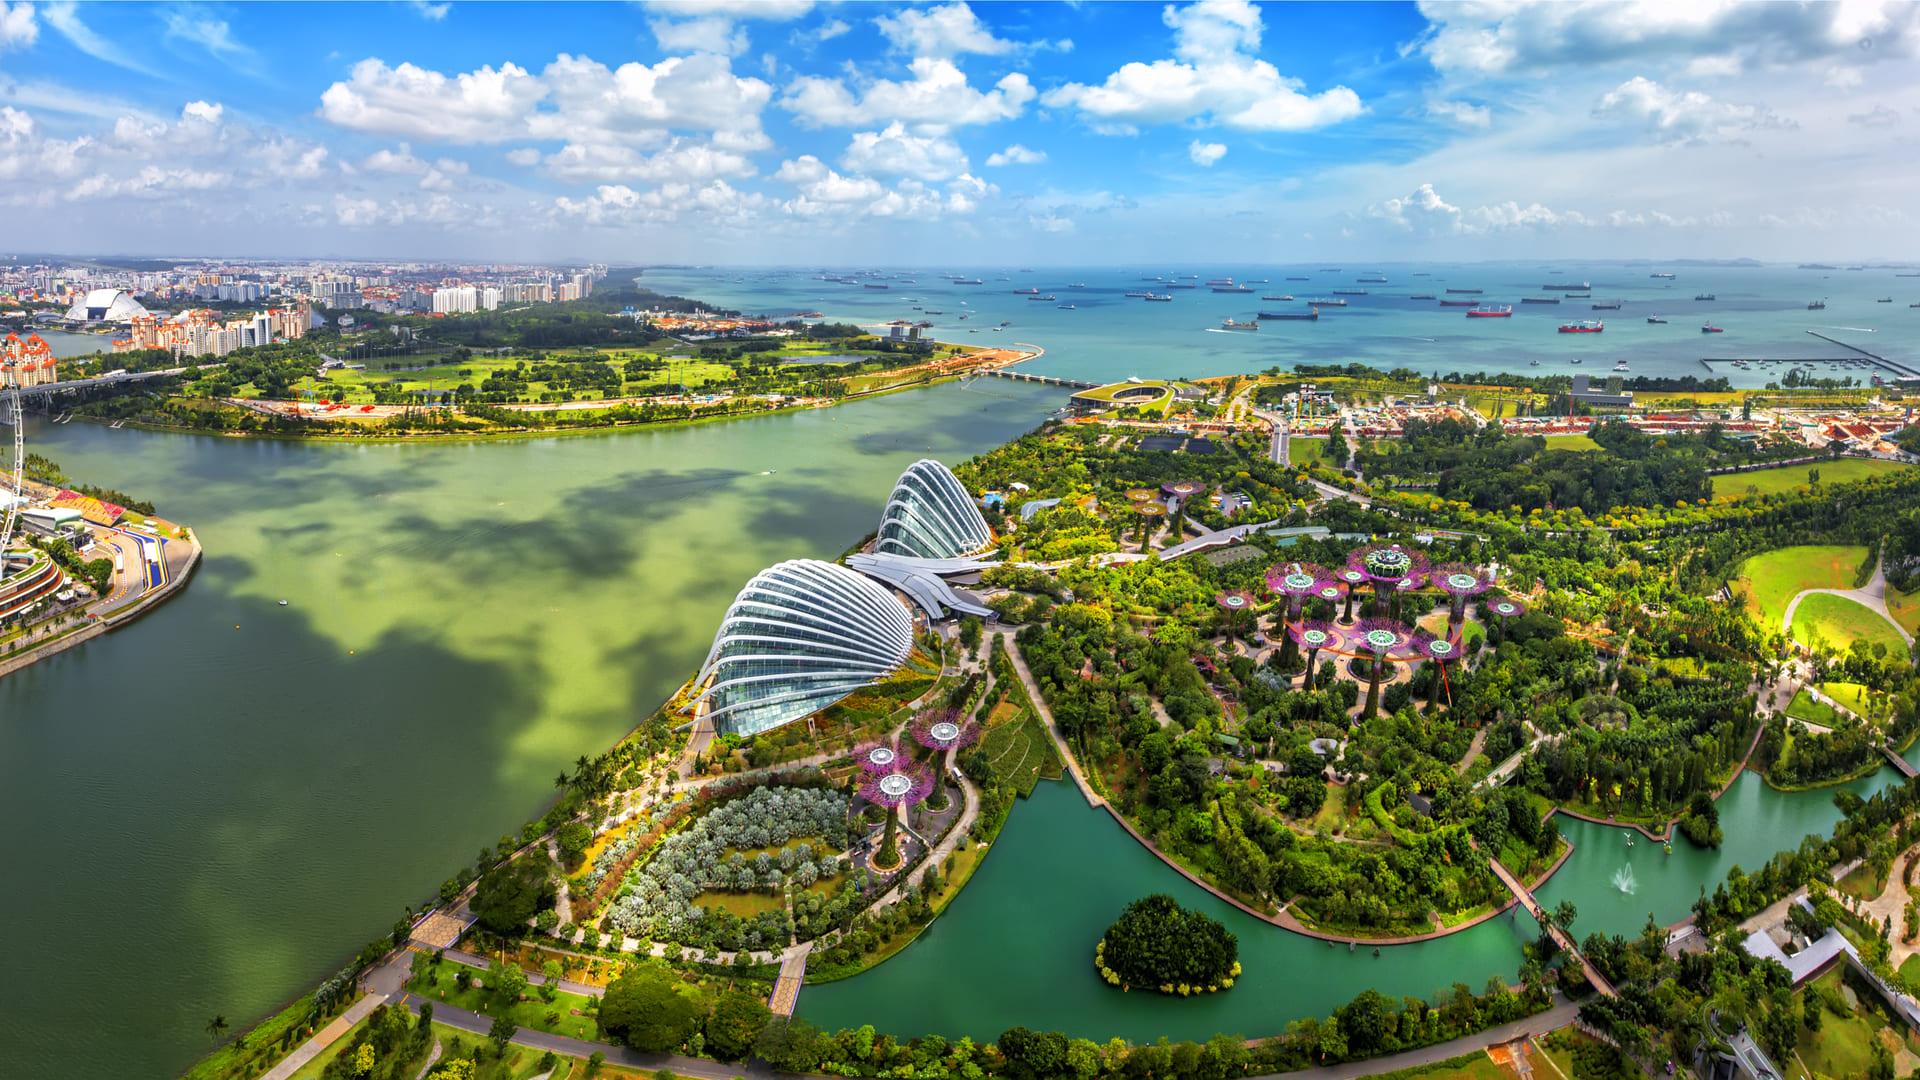 Singapur-una-ciudad-mimetizada-con-el-verde-y-la-sostenibilidad